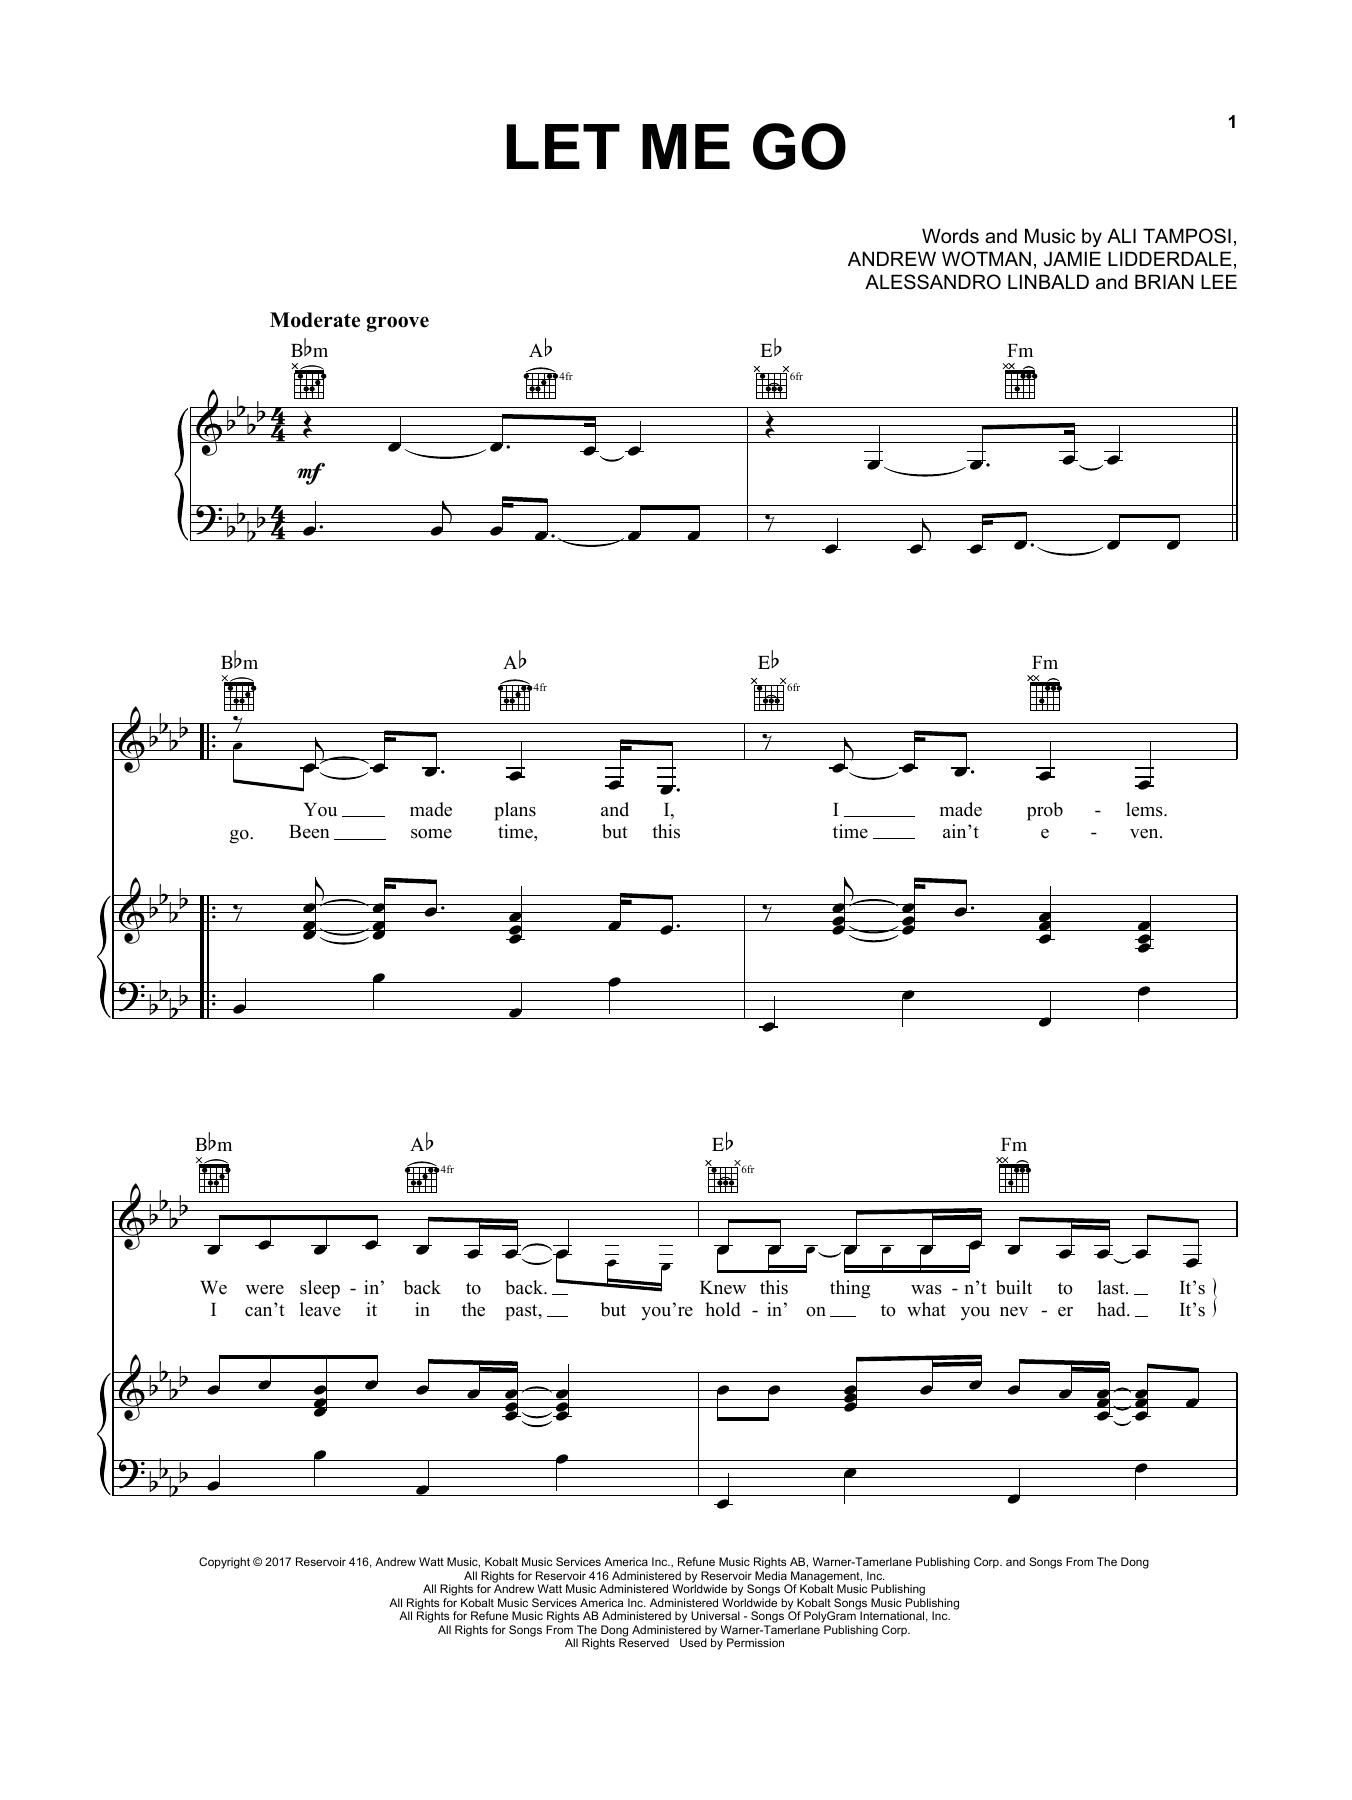 Bts let go | free piano sheet | funguypiano.